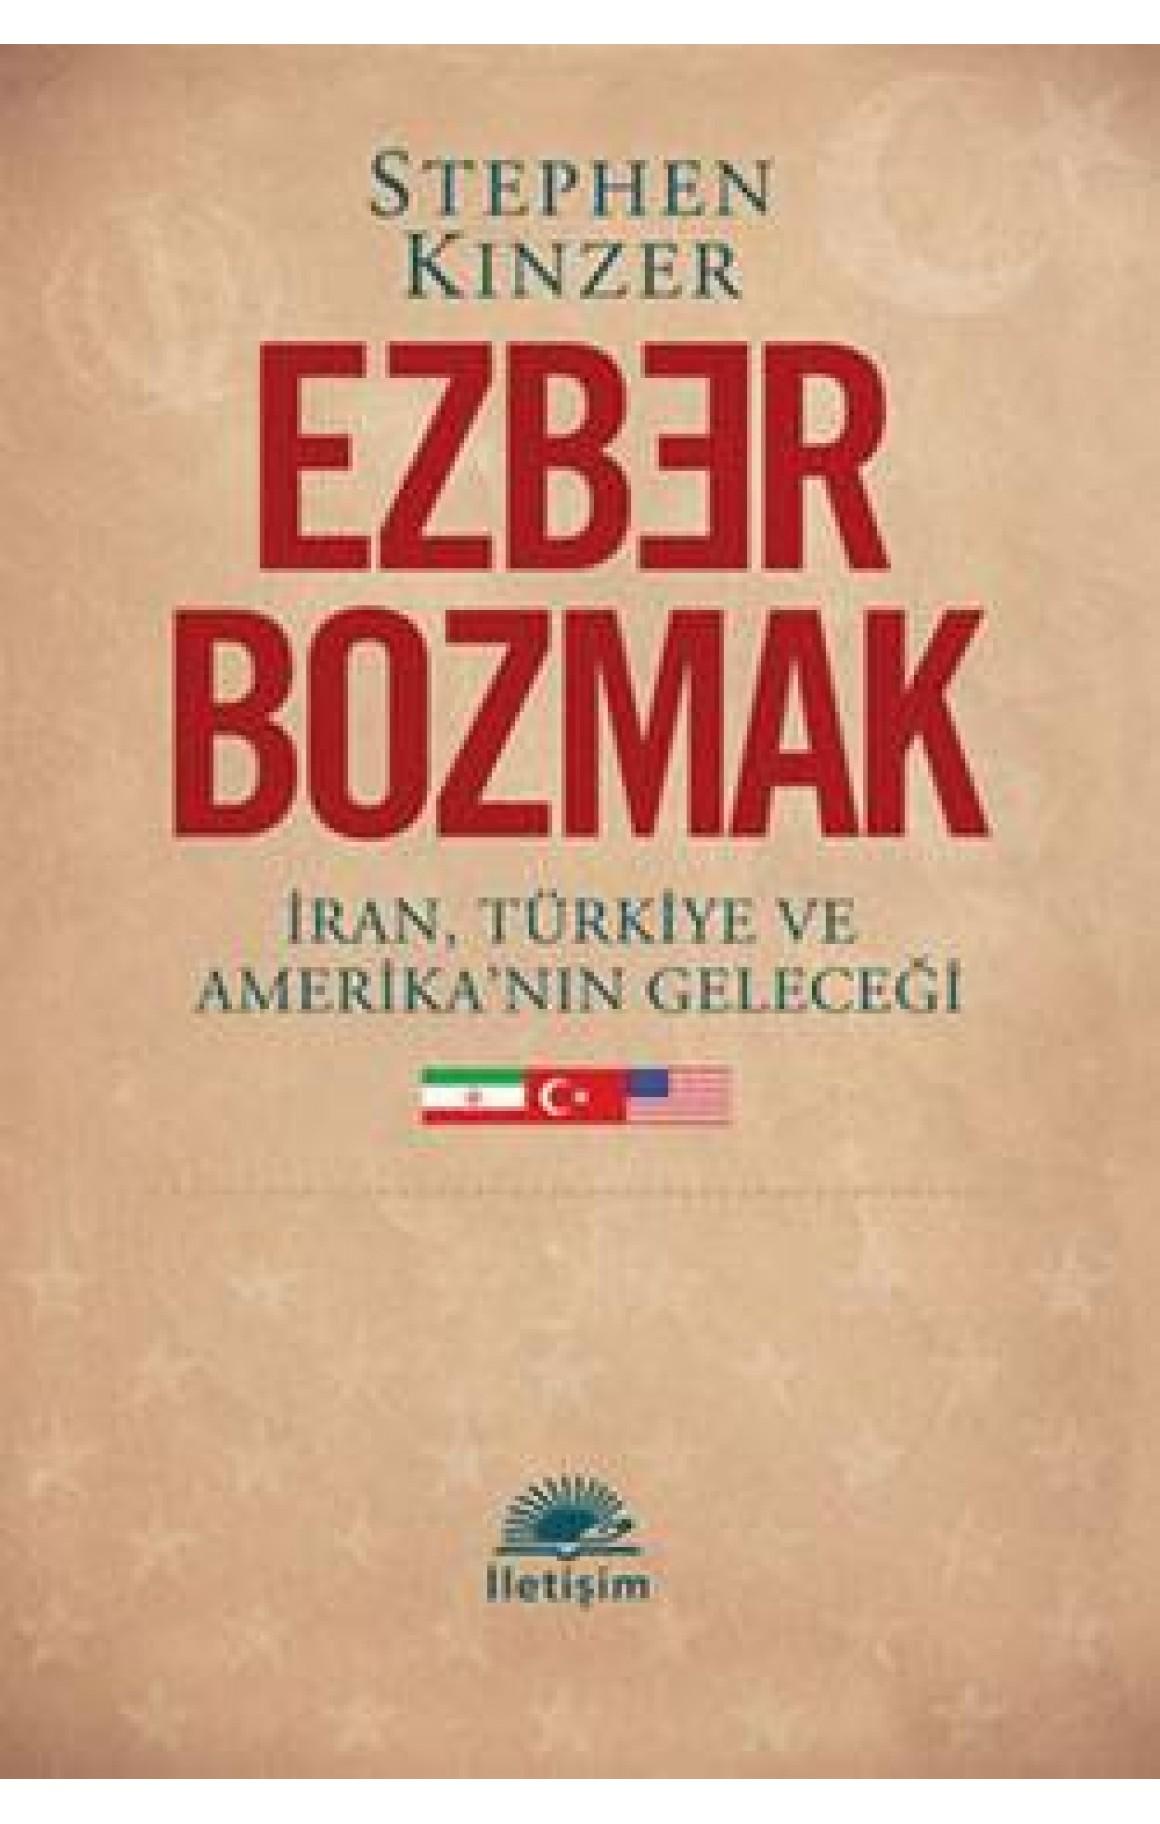 Ezber Bozmak - İran, Türkiye ve Amerika'nın Geleceği